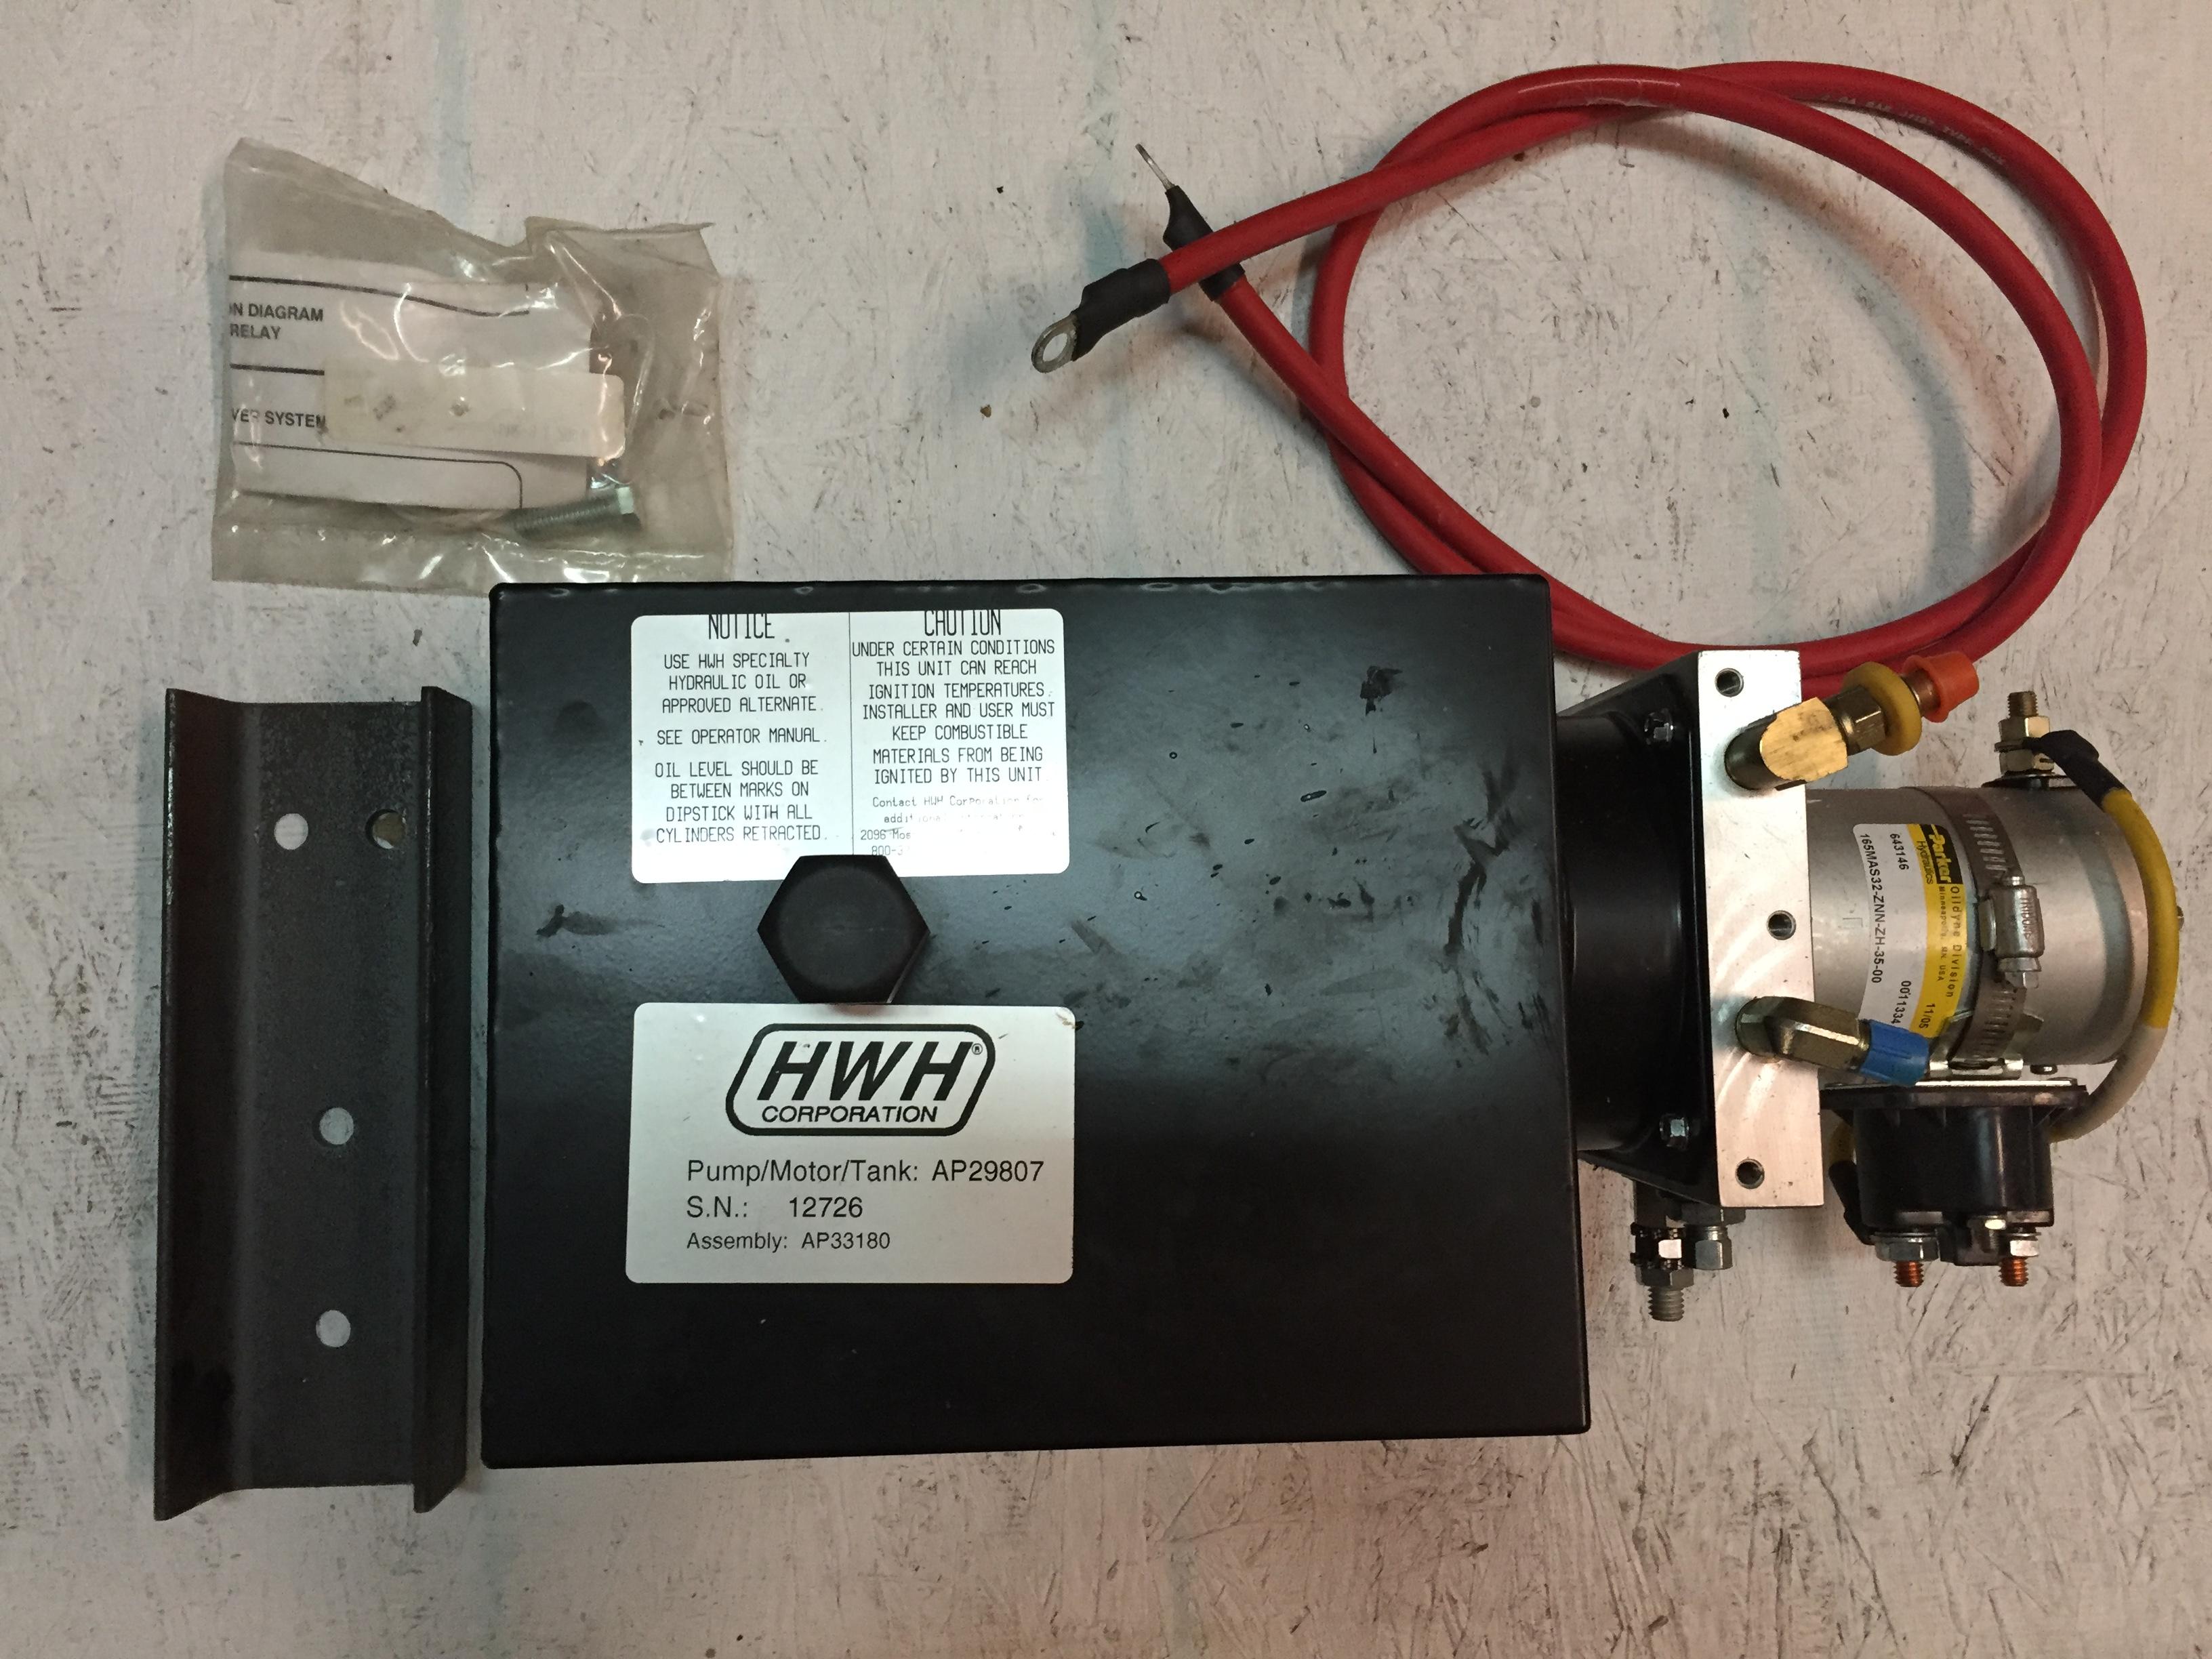 Hwh Ap29807 Hydraulic Pump Motor Tank With Ap33180